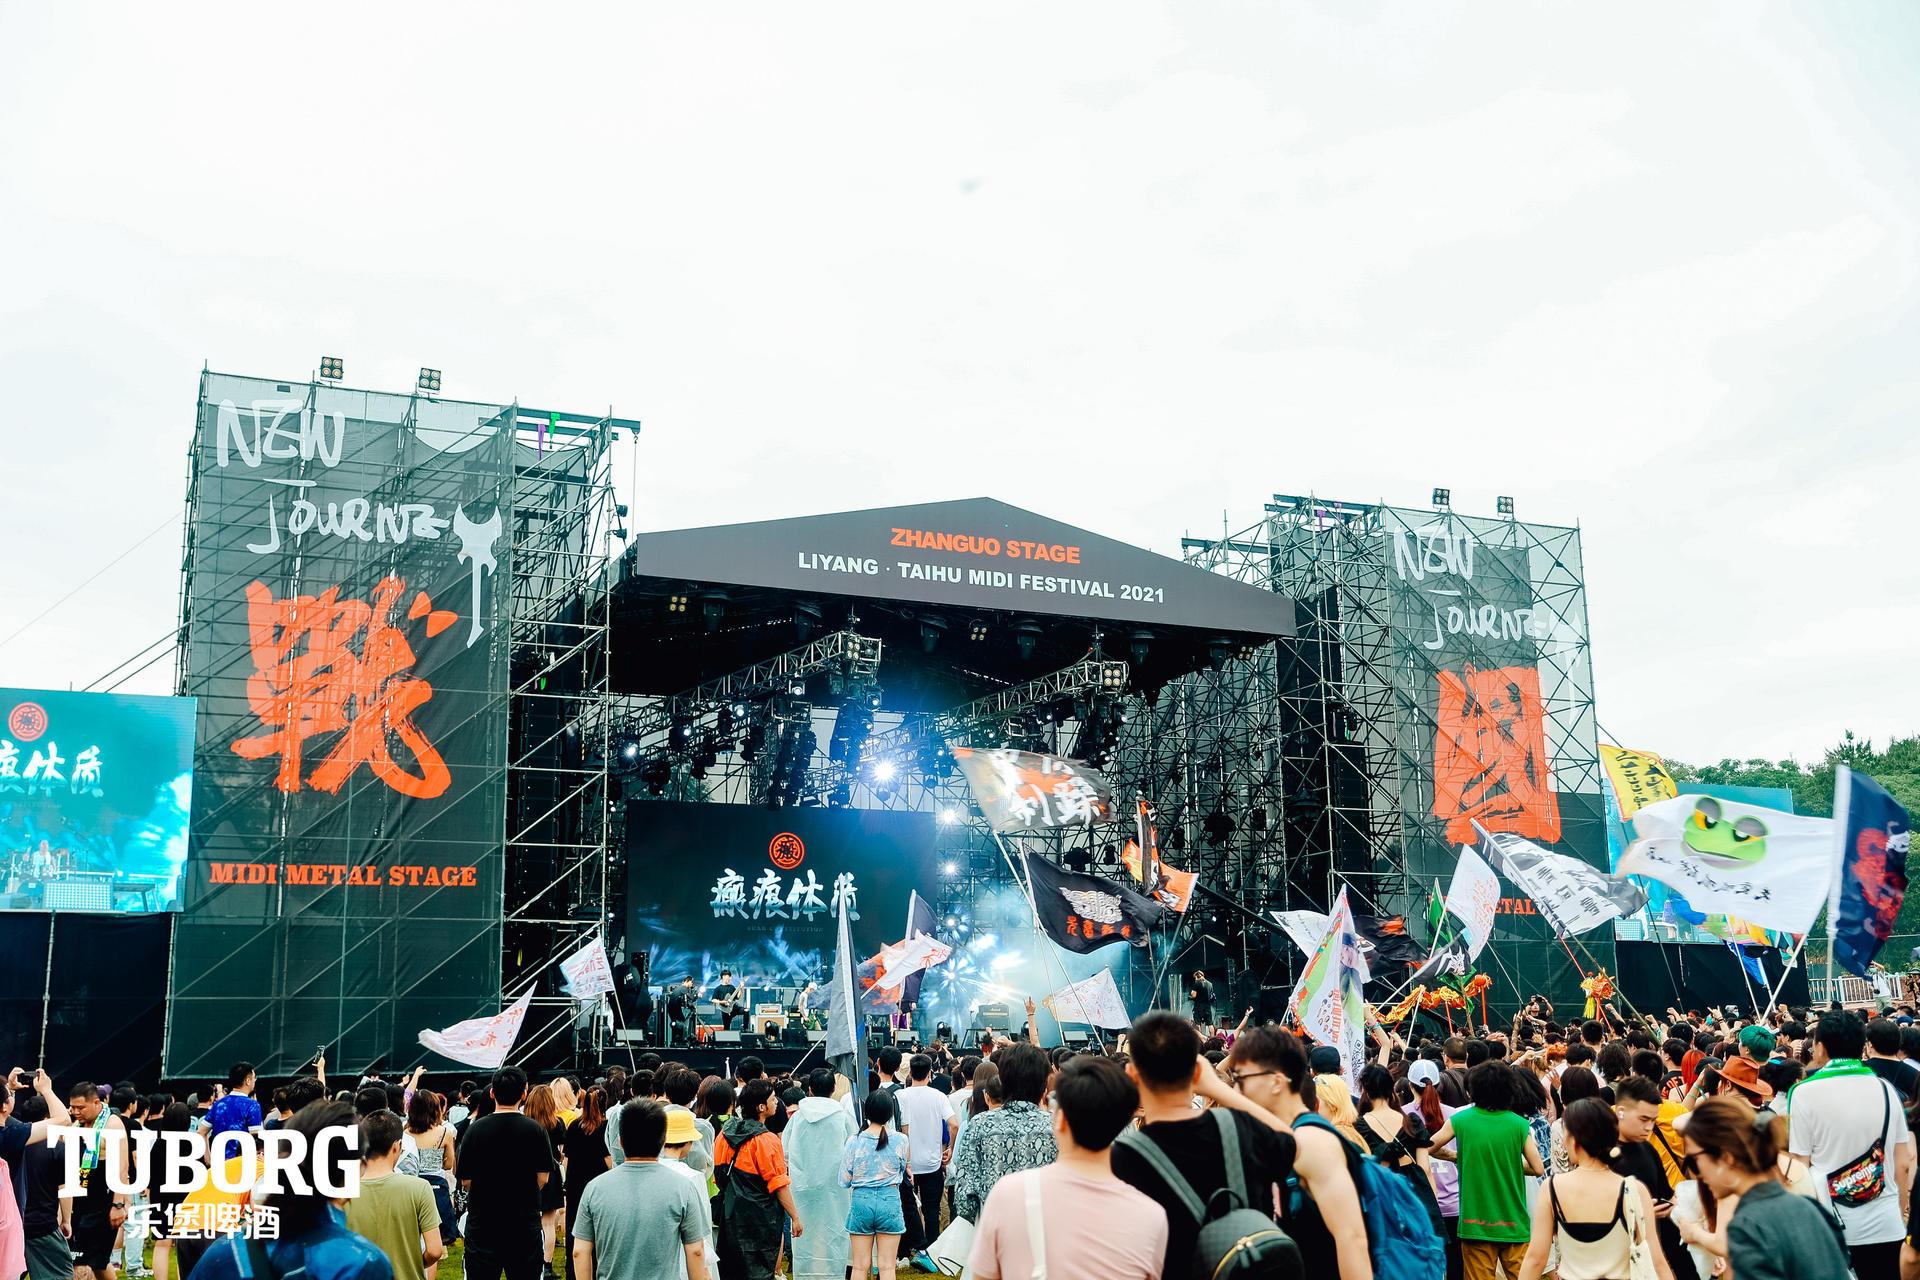 「放开玩 就现在」2021溧阳·太湖迷笛音乐节活动策划就要摇滚就要年轻